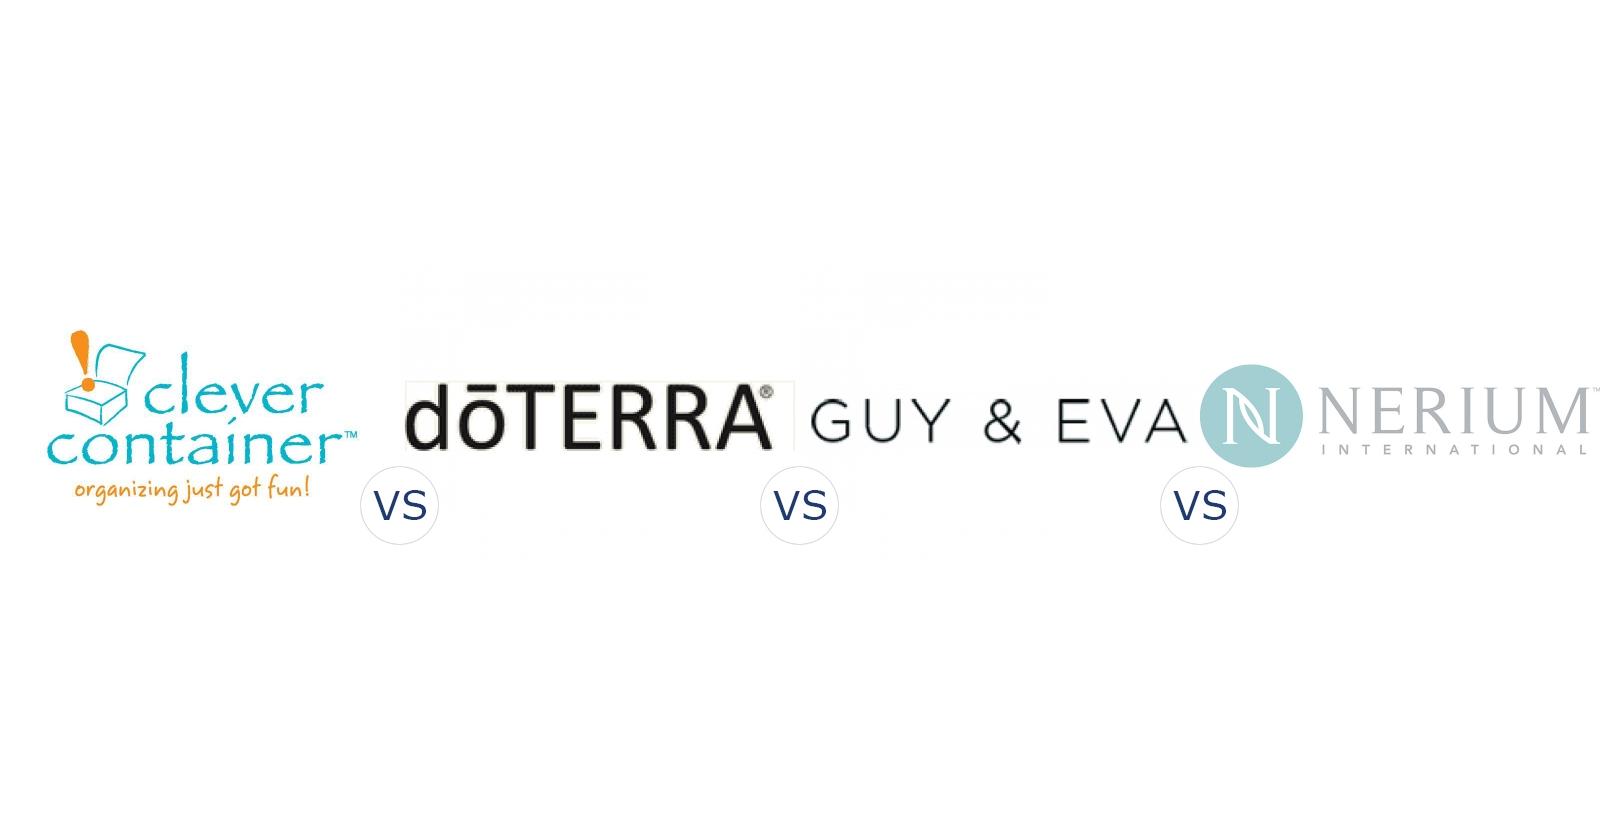 Clever Container vs. DoTerra vs. Guy & Eva vs. Nerium International